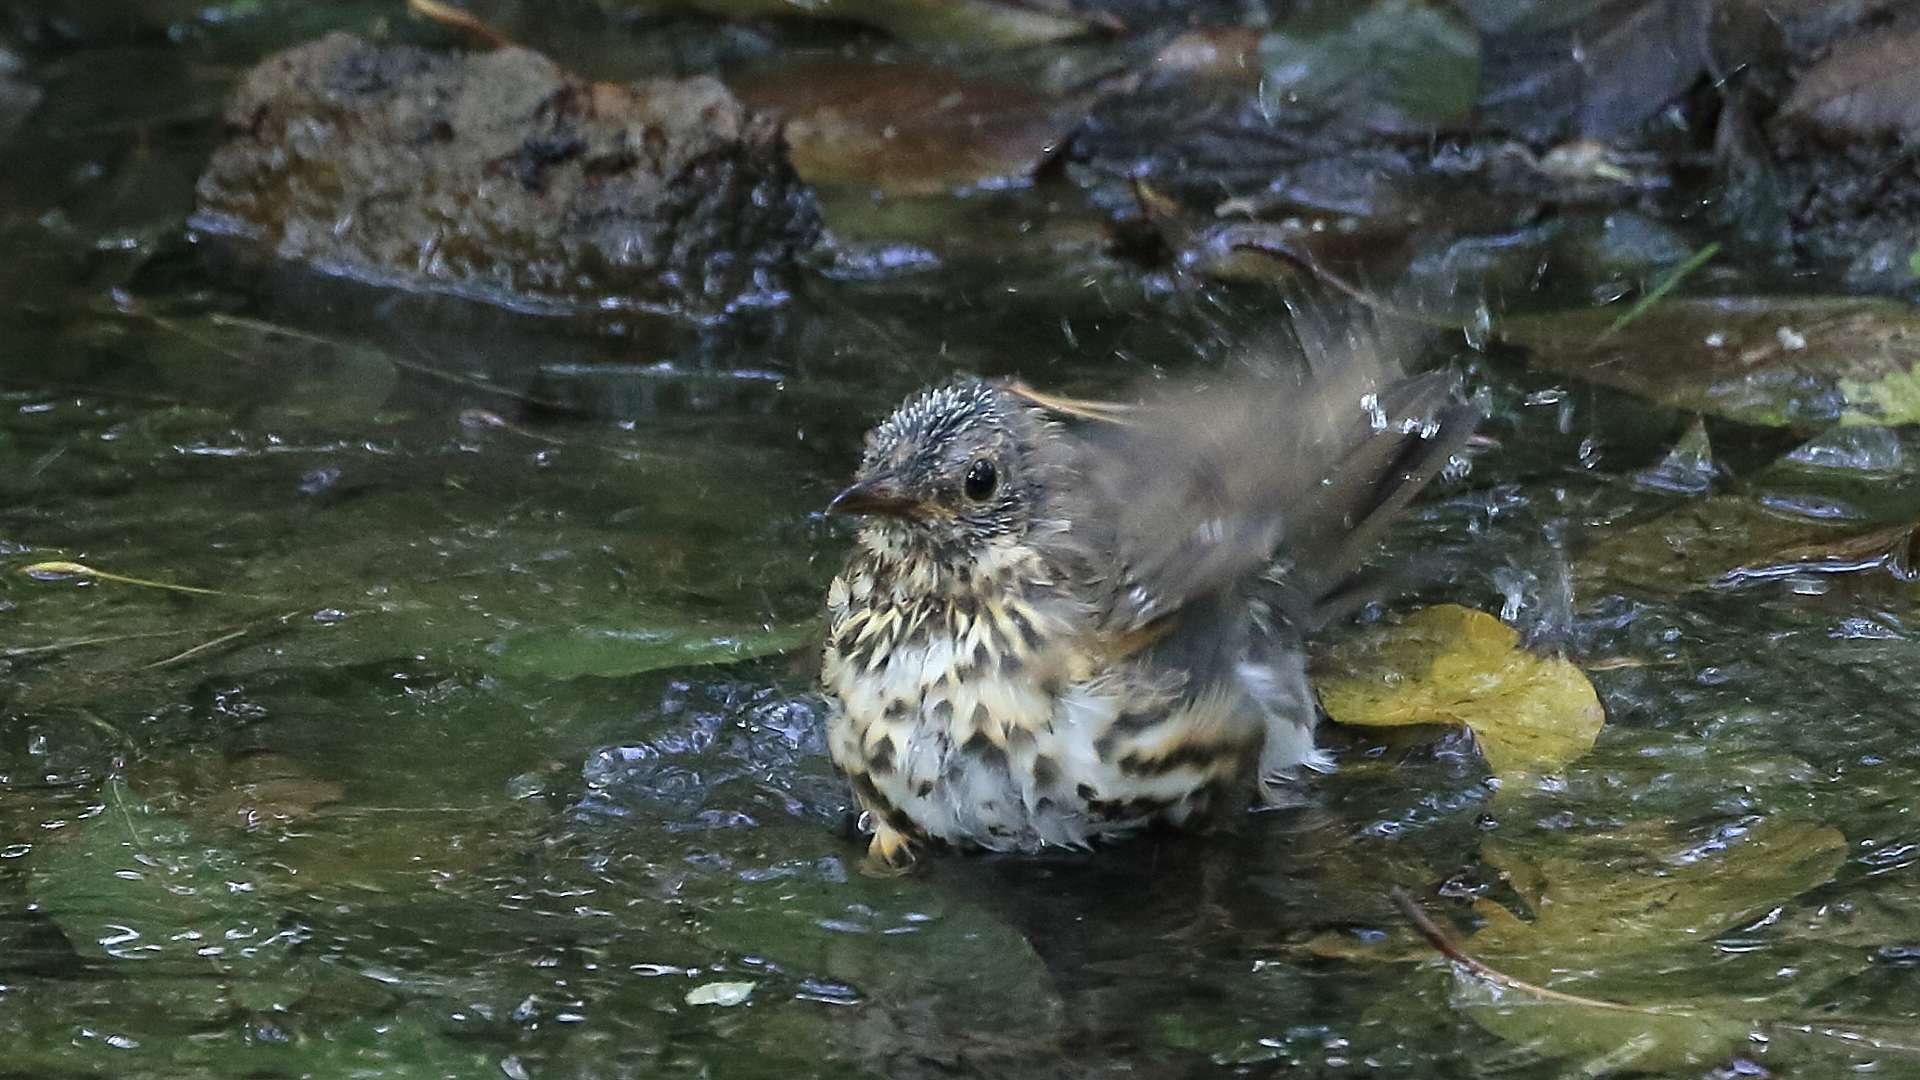 またクロツグミ家族に逢って来ました!涼しげな幼鳥の水浴び_f0105570_21140078.jpg